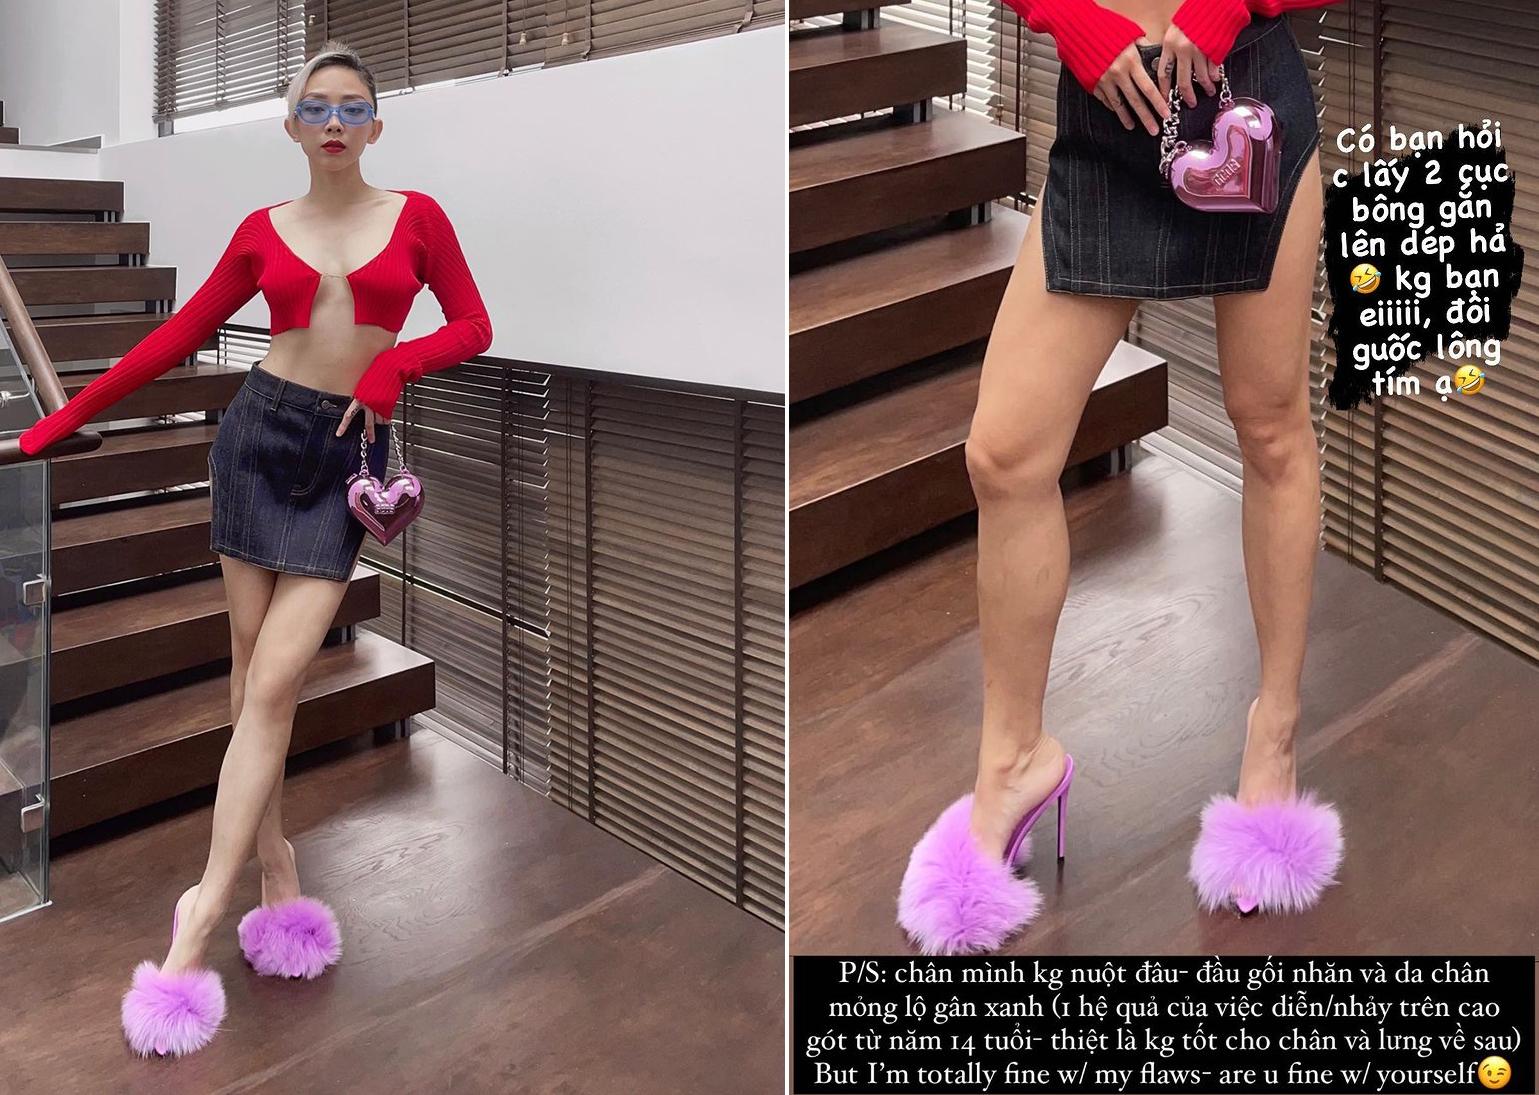 Tóc Tiên chỉ tác hại khi đi giày cao gót nhiều